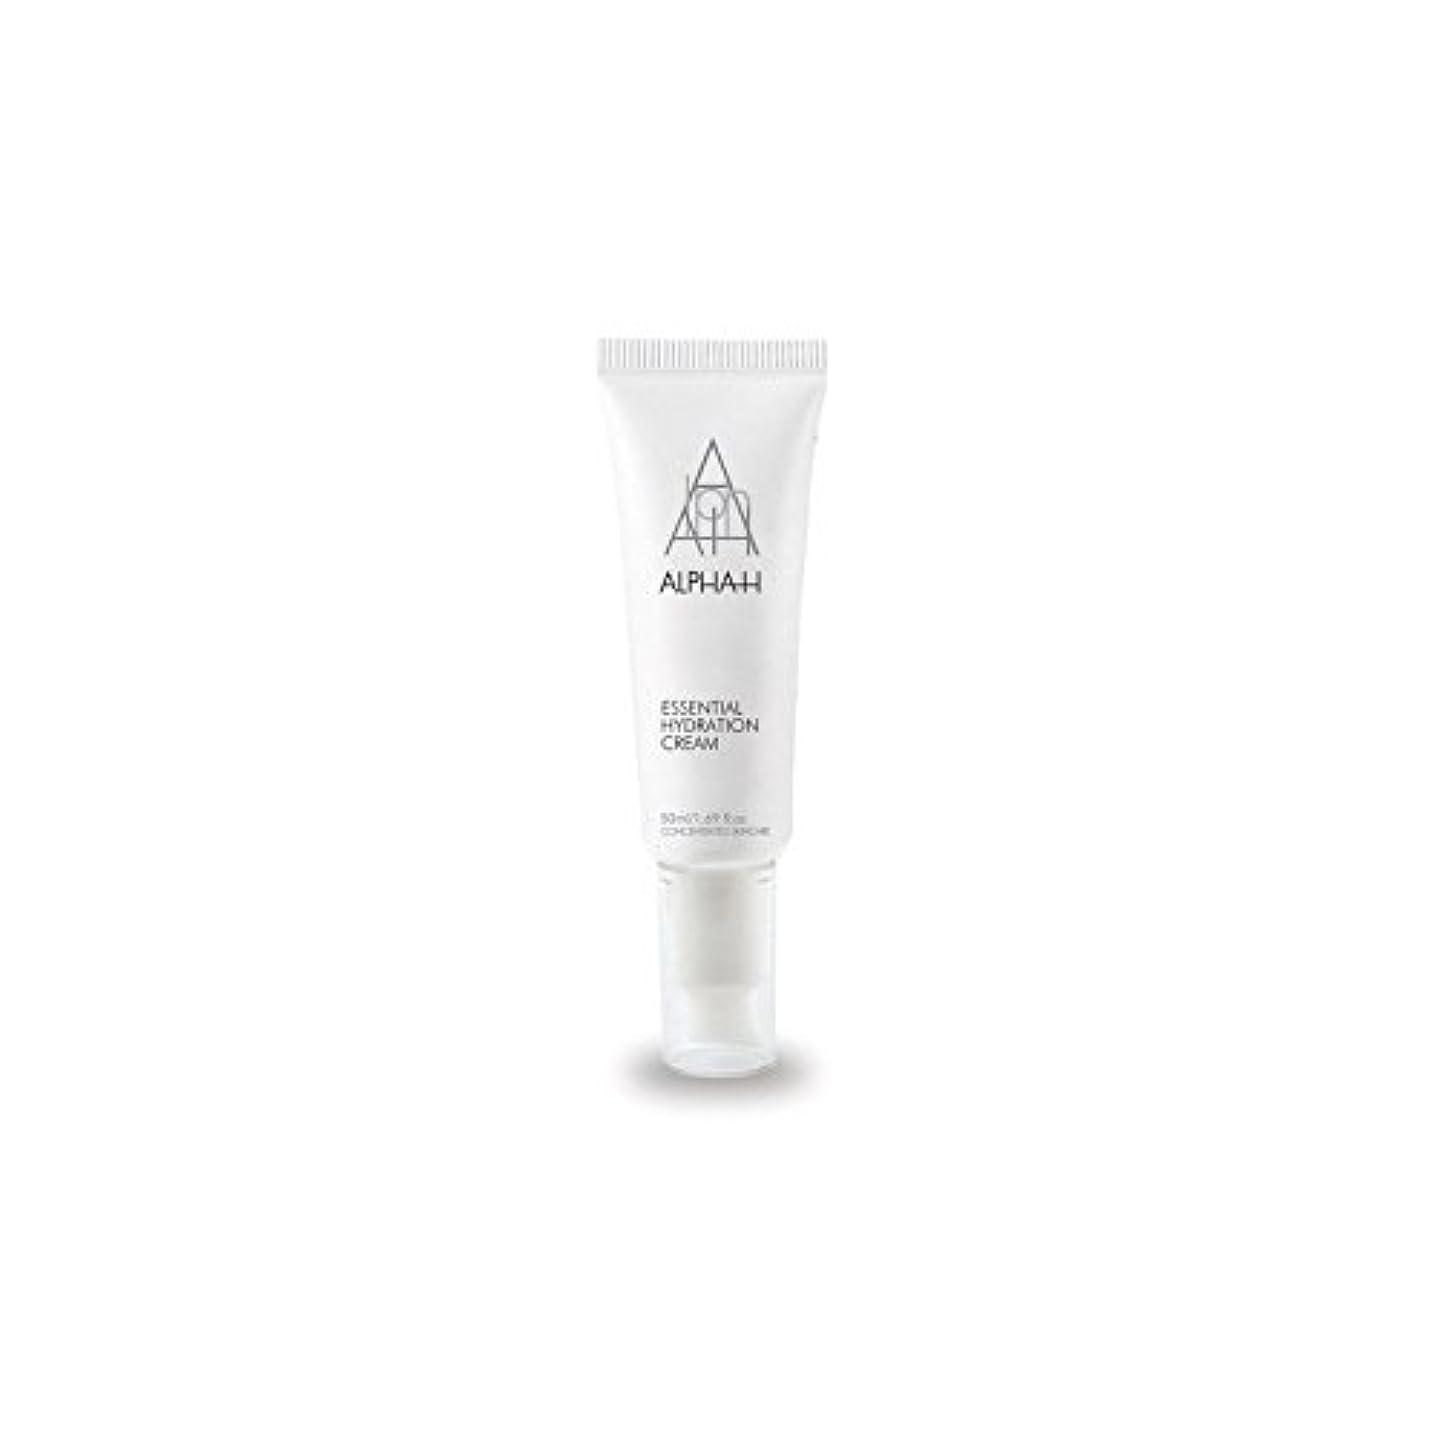 ブッシュ即席救出アルファ必須水和クリーム(50)中 x4 - Alpha-H Essential Hydration Cream (50ml) (Pack of 4) [並行輸入品]